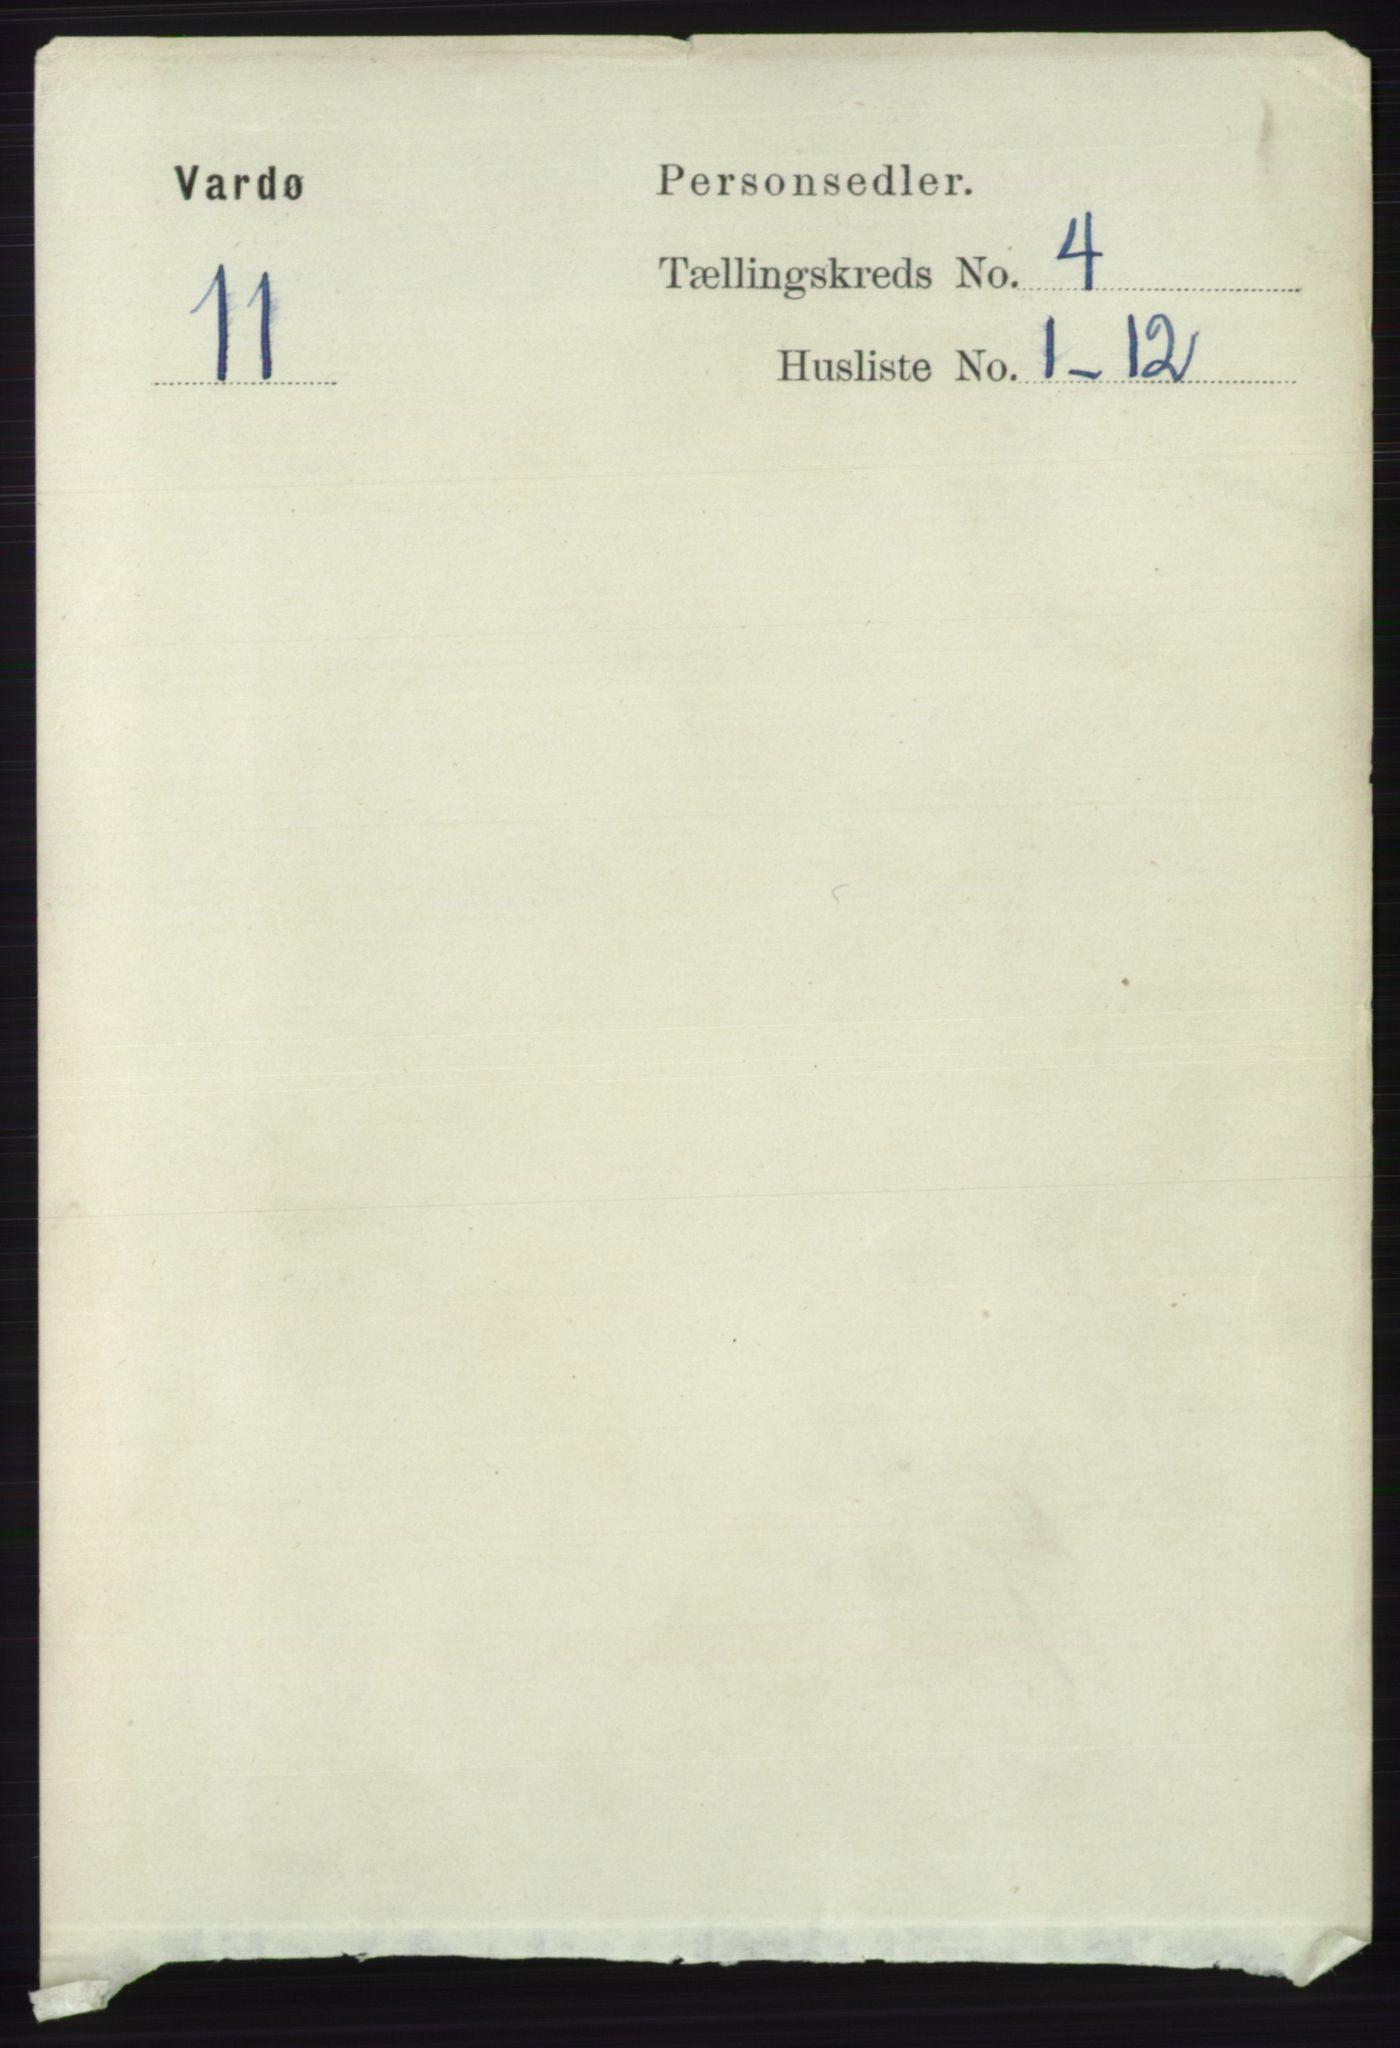 RA, Folketelling 1891 for 2002 Vardø kjøpstad, 1891, s. 1911